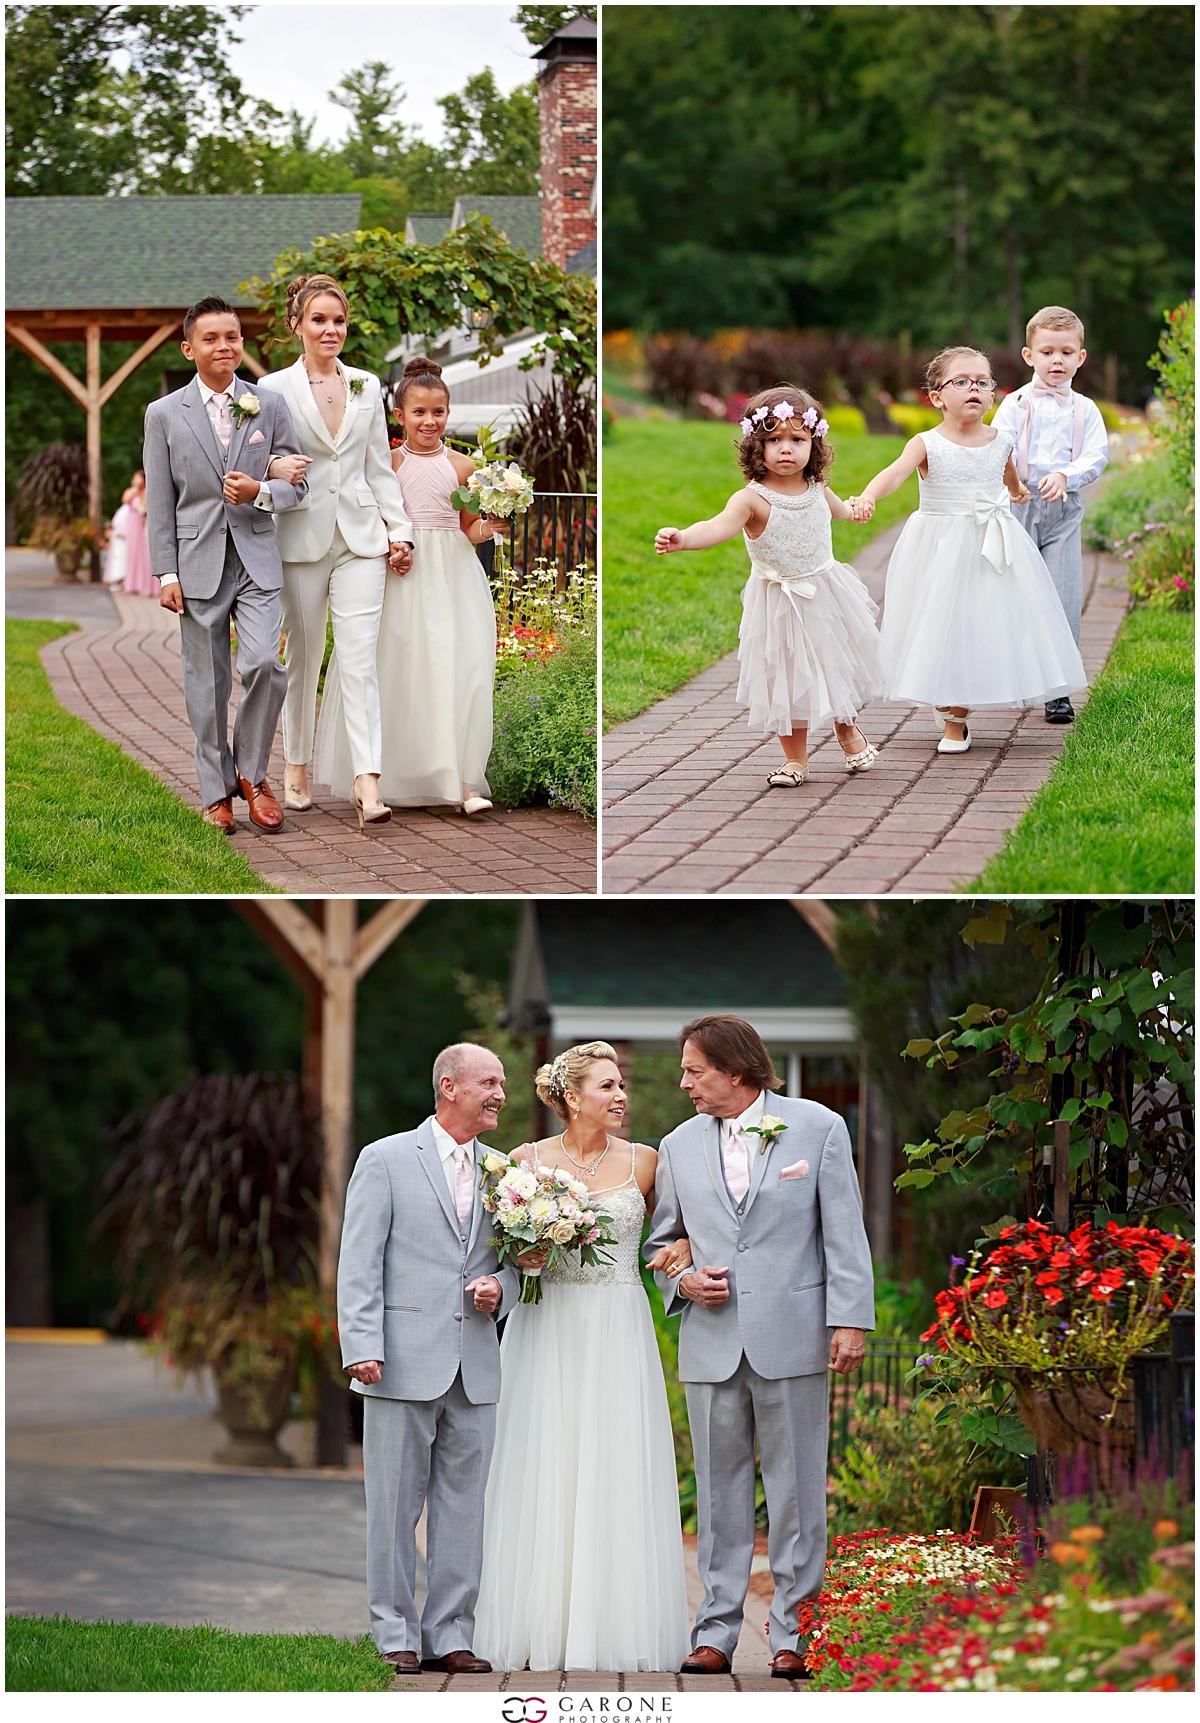 Bertini_Martinez_Zorvinos_Vineyard_wedding_Love_is_love_Modern_Family_Garone_Photography_0009.jpg